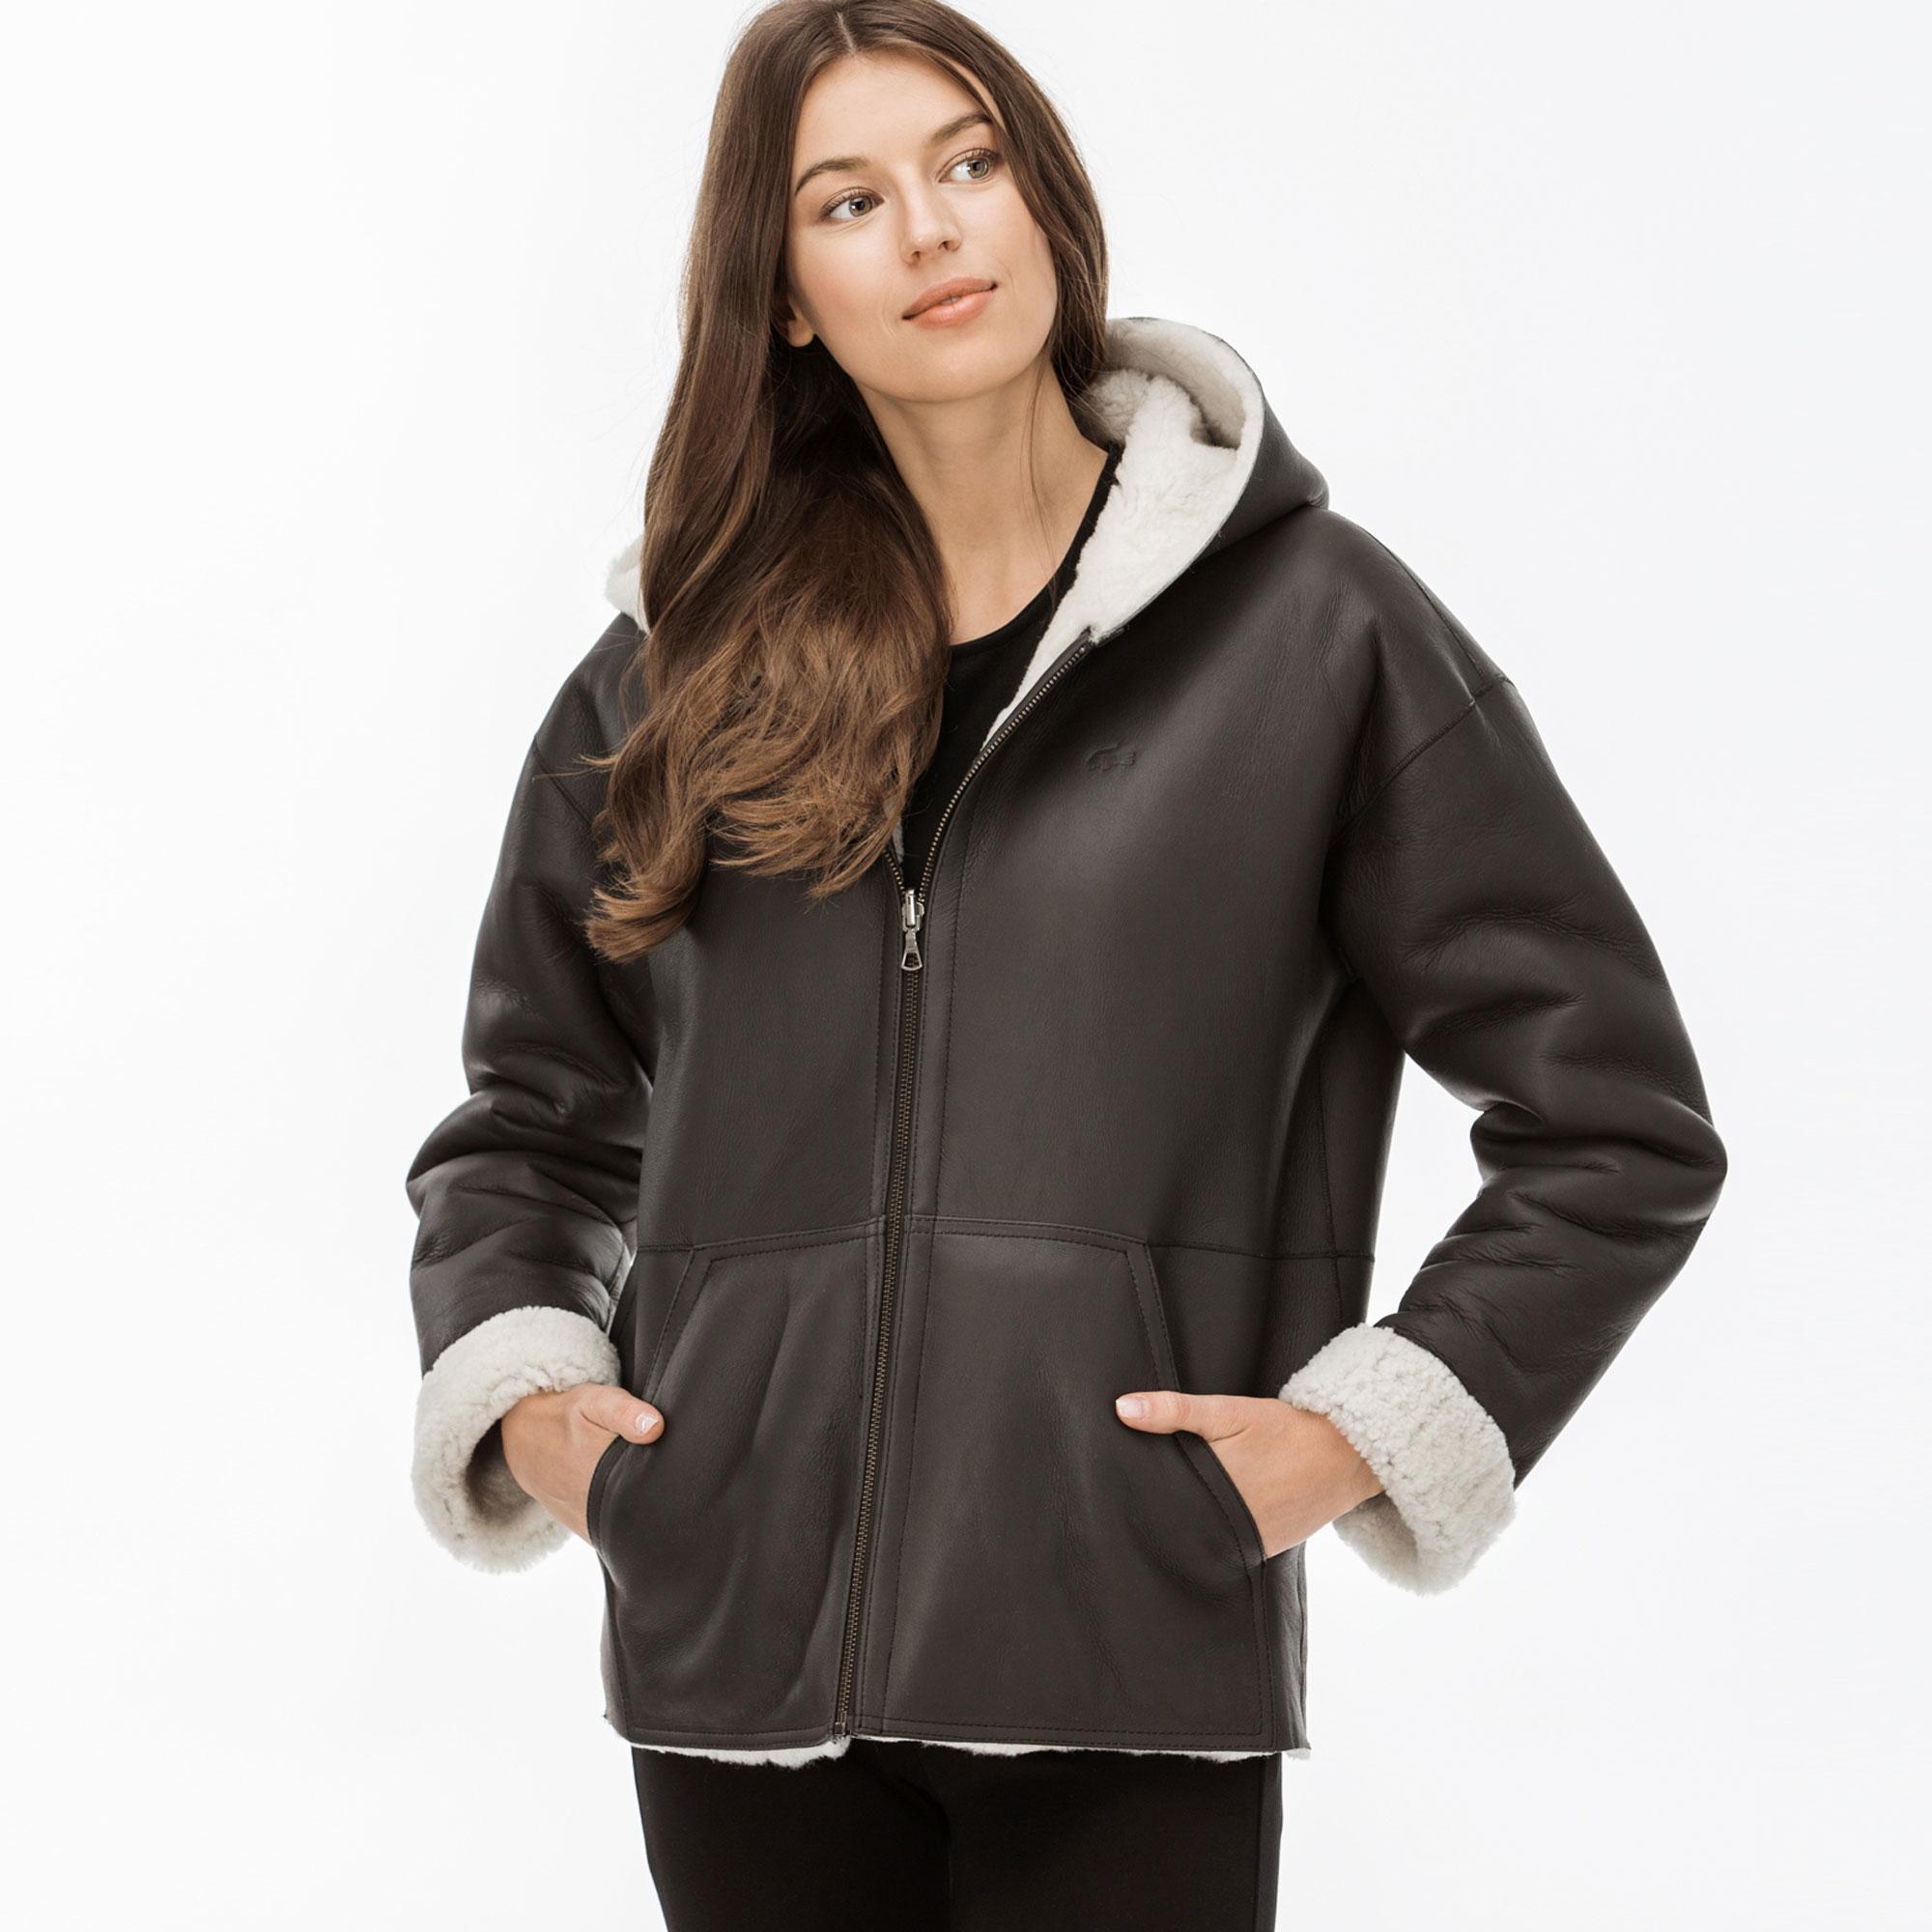 Lacoste Women's Leather Jacket